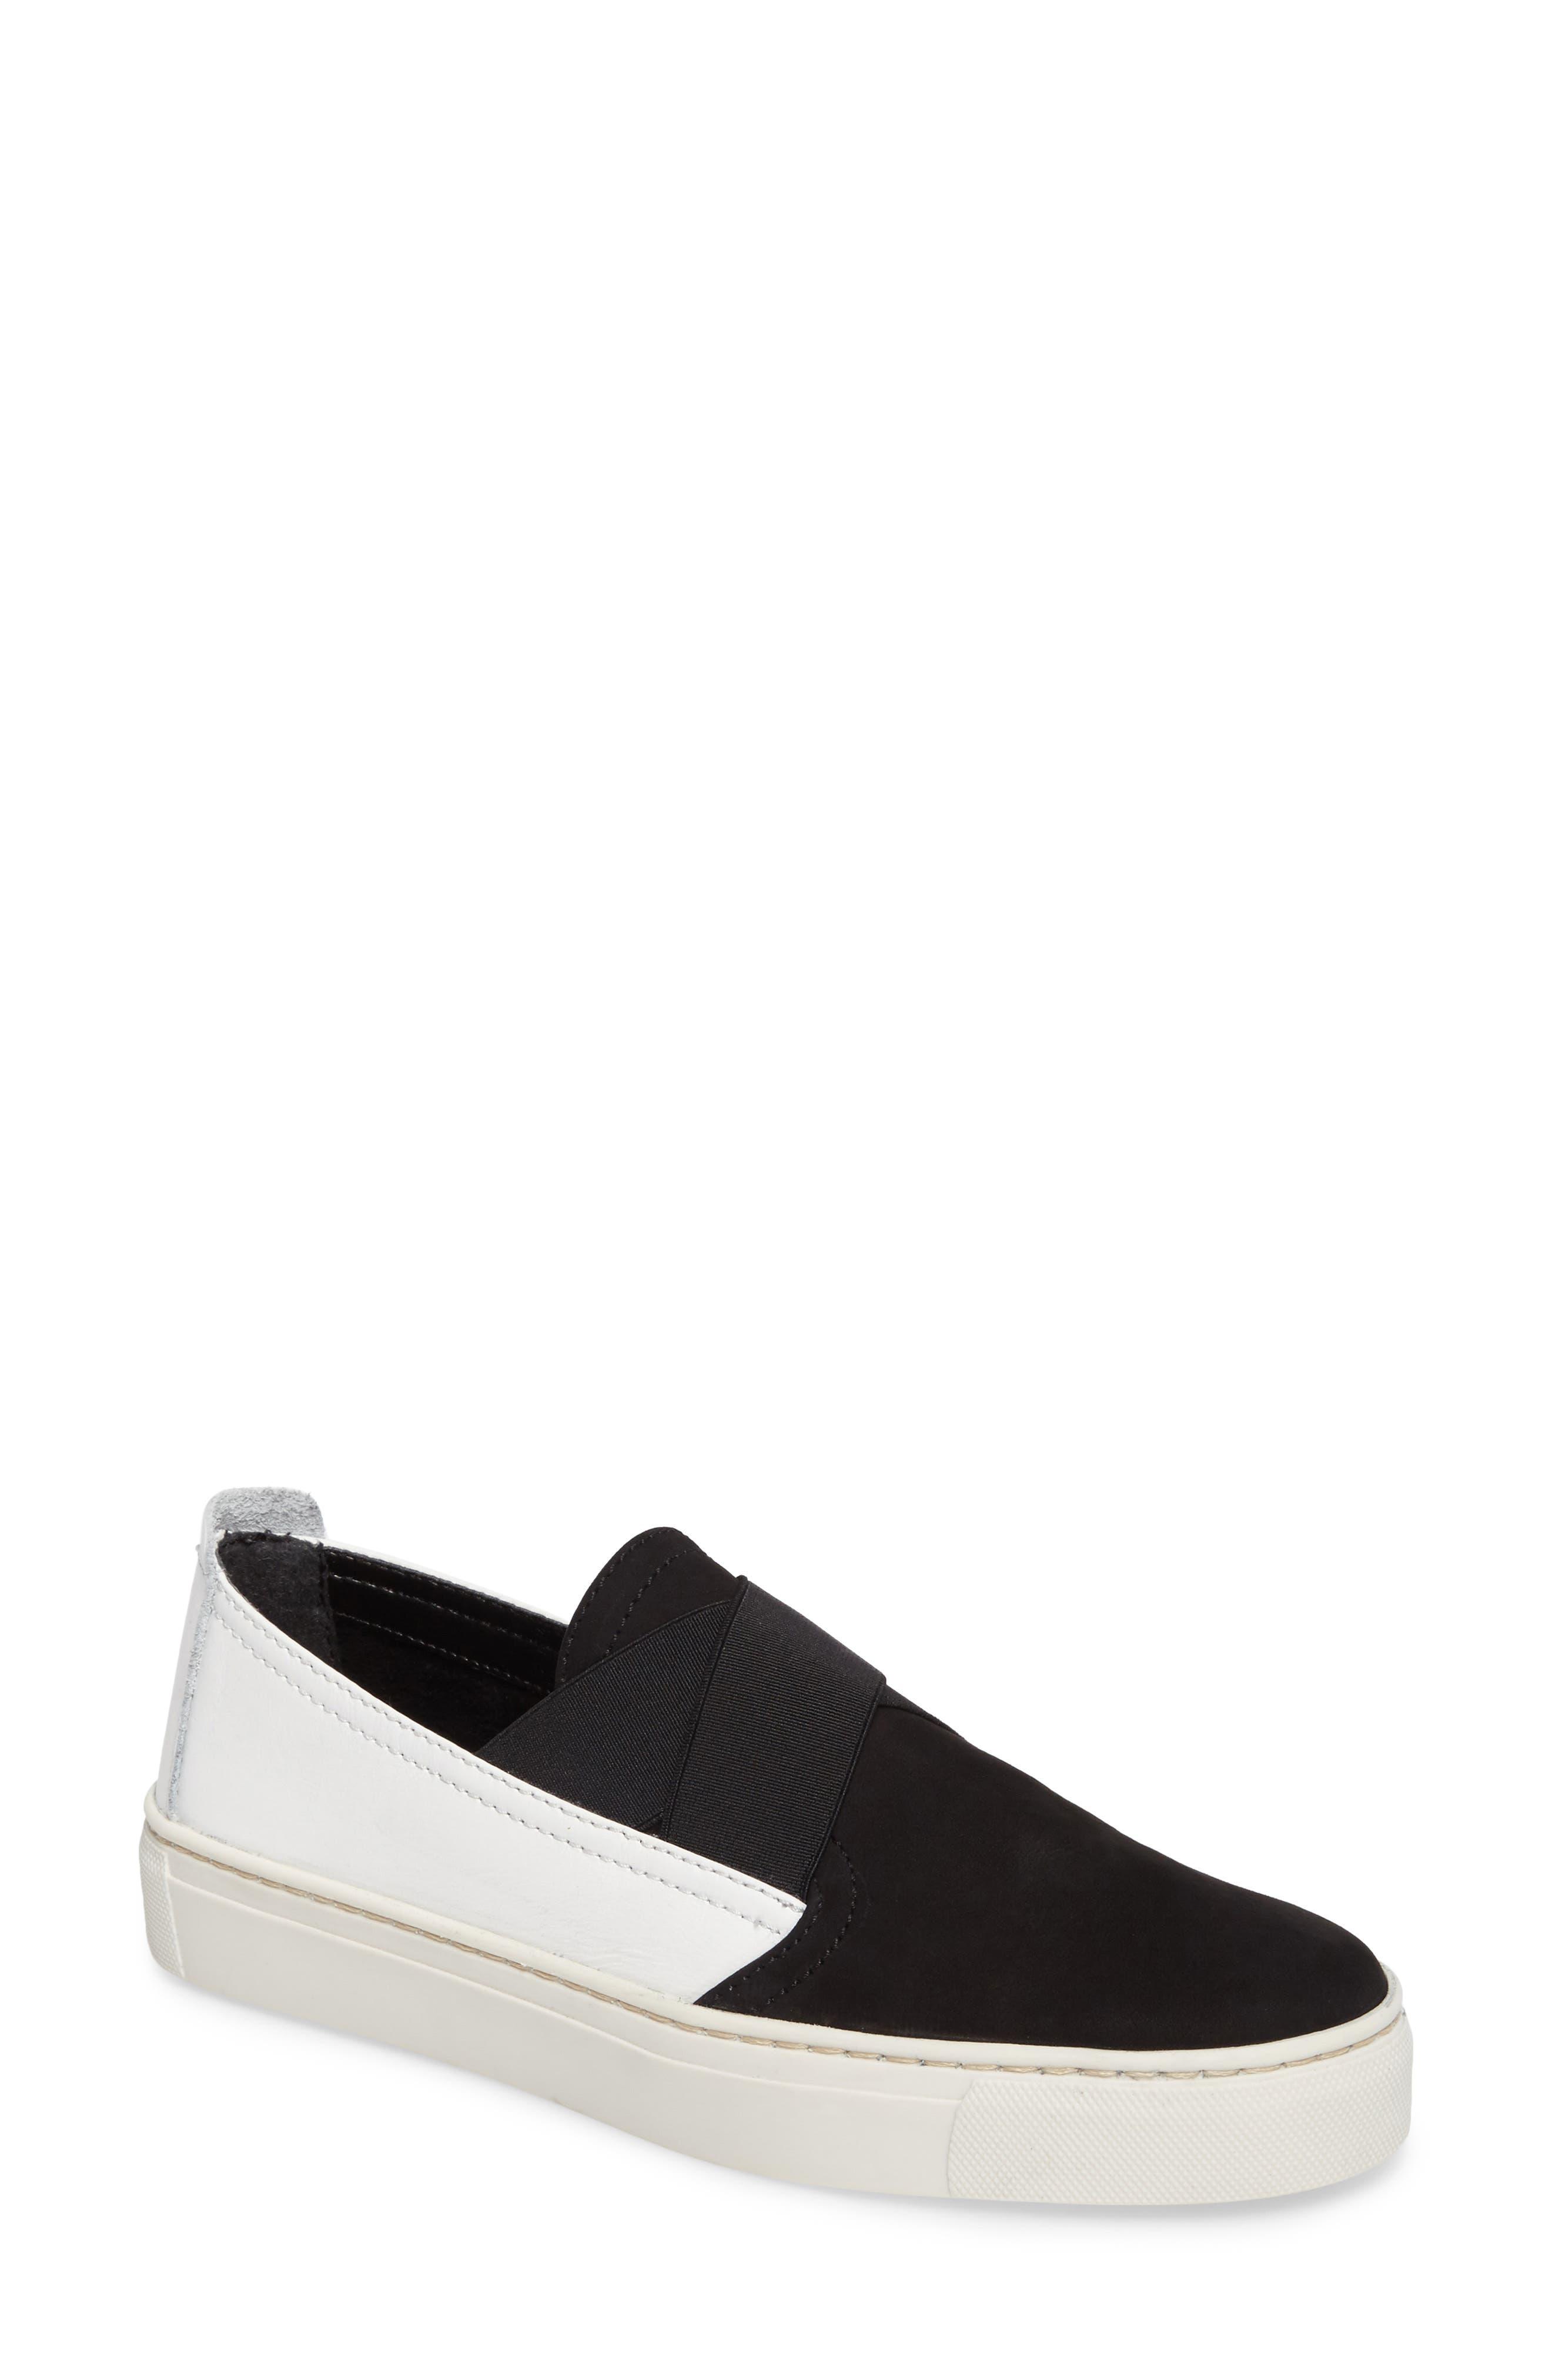 Main Image - The FLEXX La Cross Slip-On Sneaker (Women)